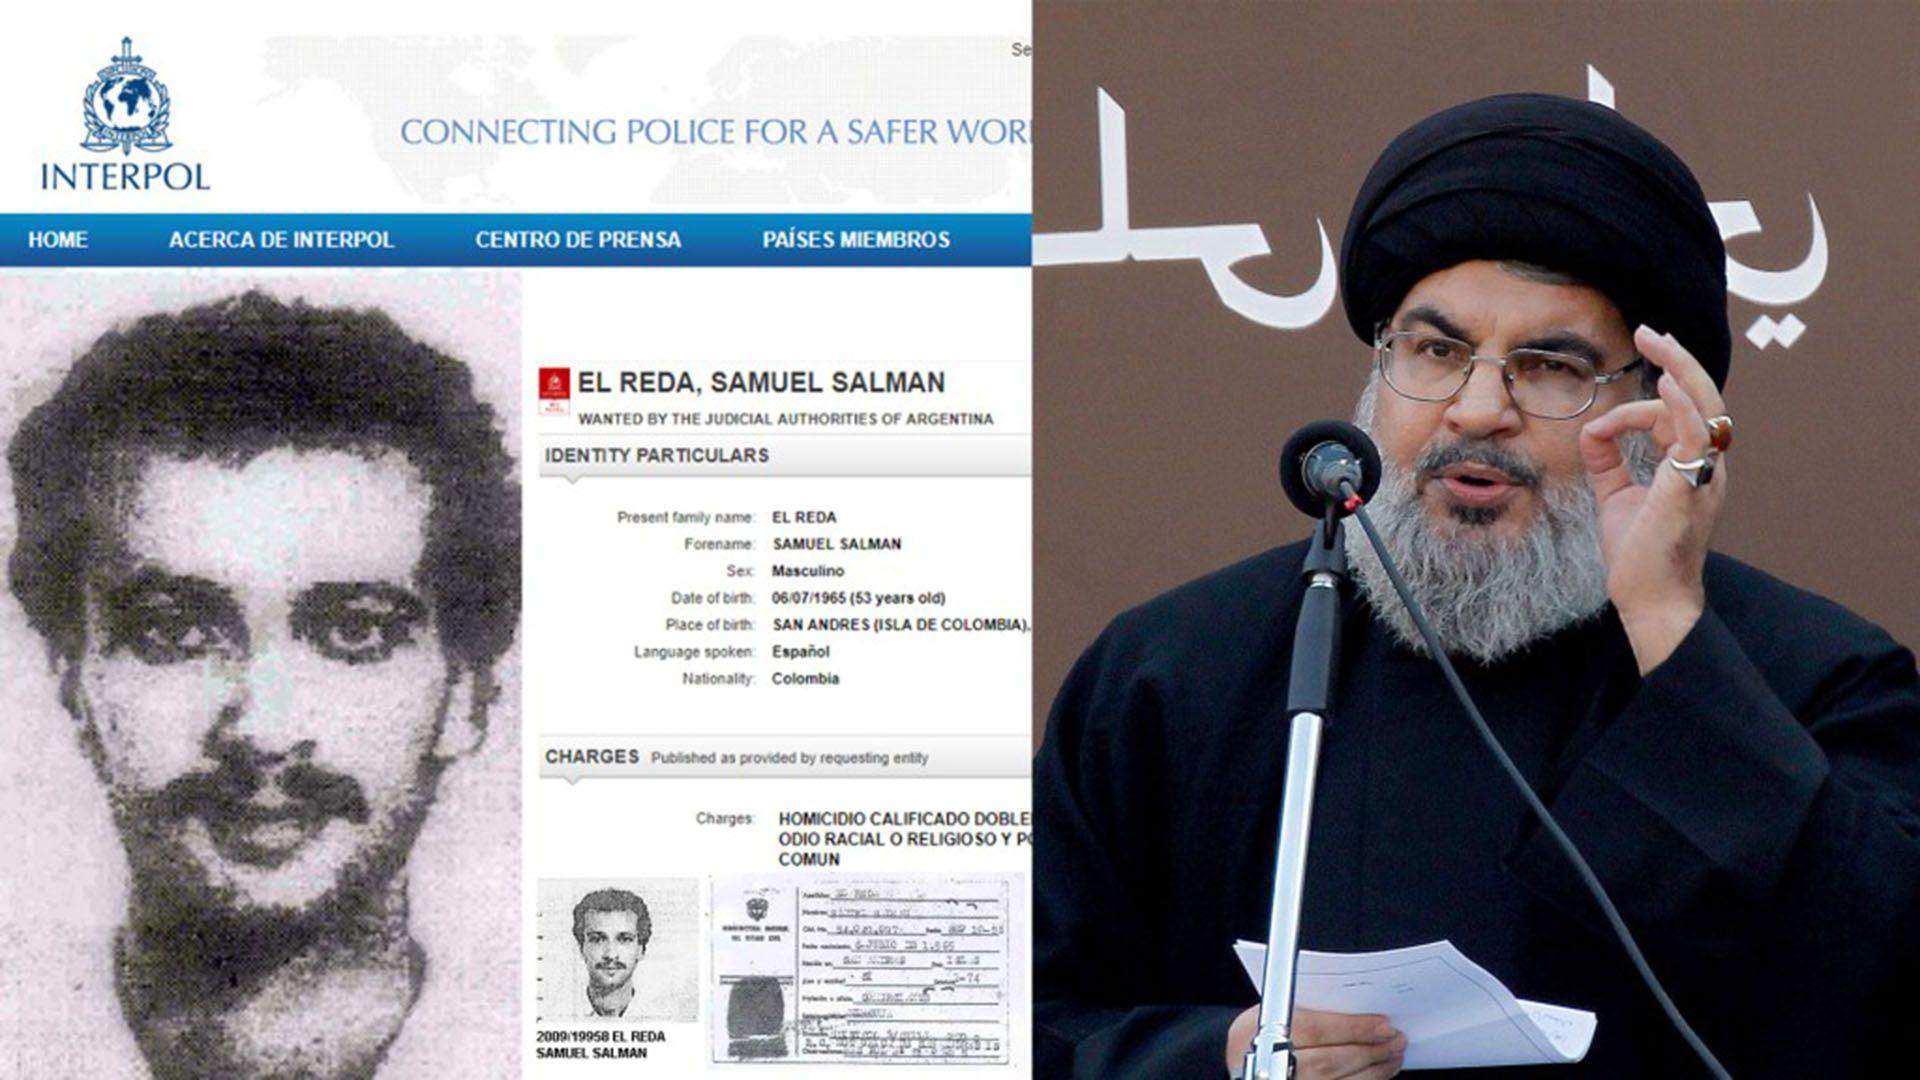 Samuel Salman El Reda es considerado como el nexo entre los autores materiales y los intelectuales del ataque a la mutual judía